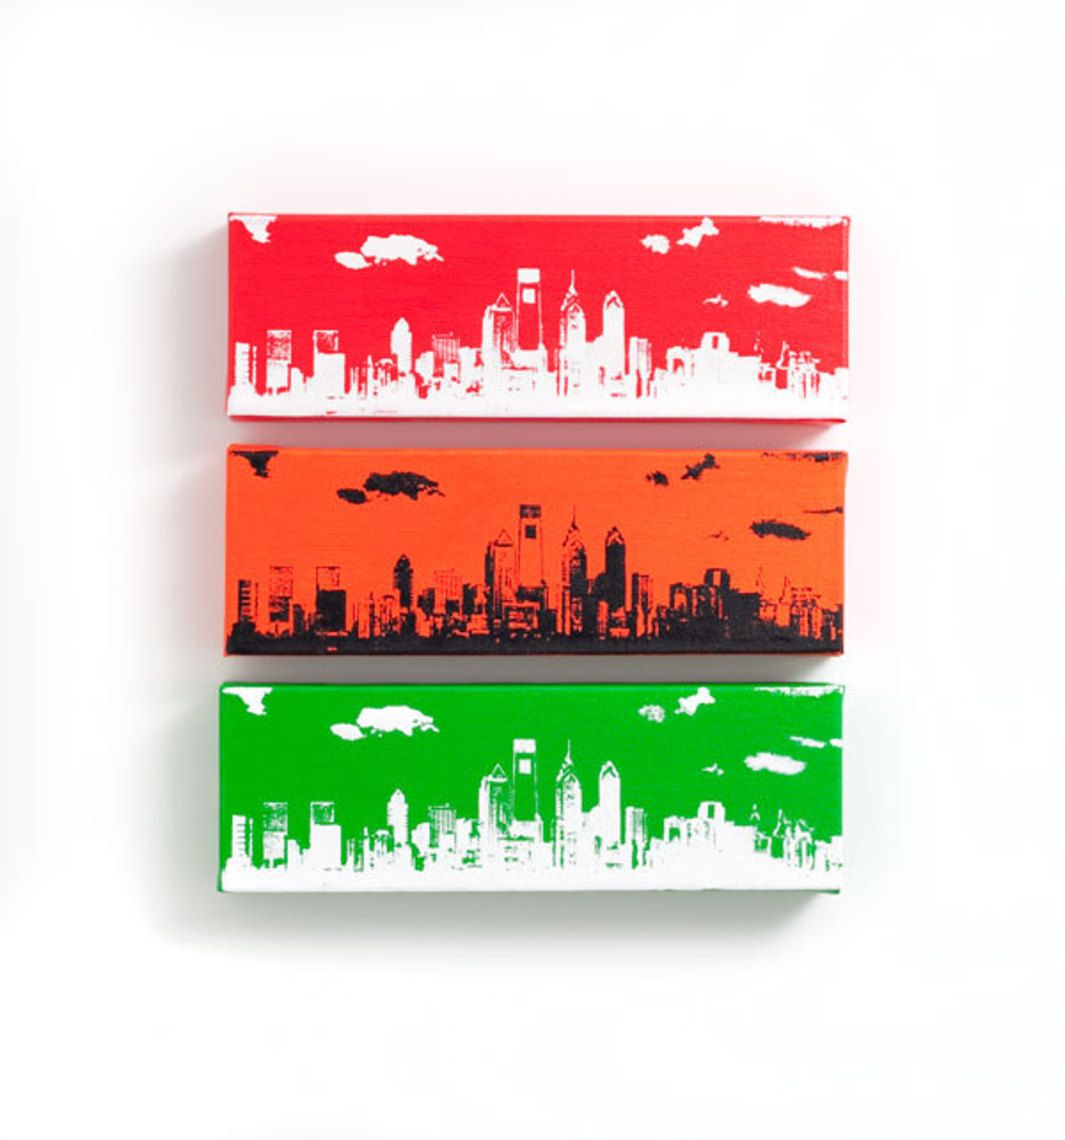 Philadelphia Skyline canvas by Ink the Print on www.goodsmiths.com.